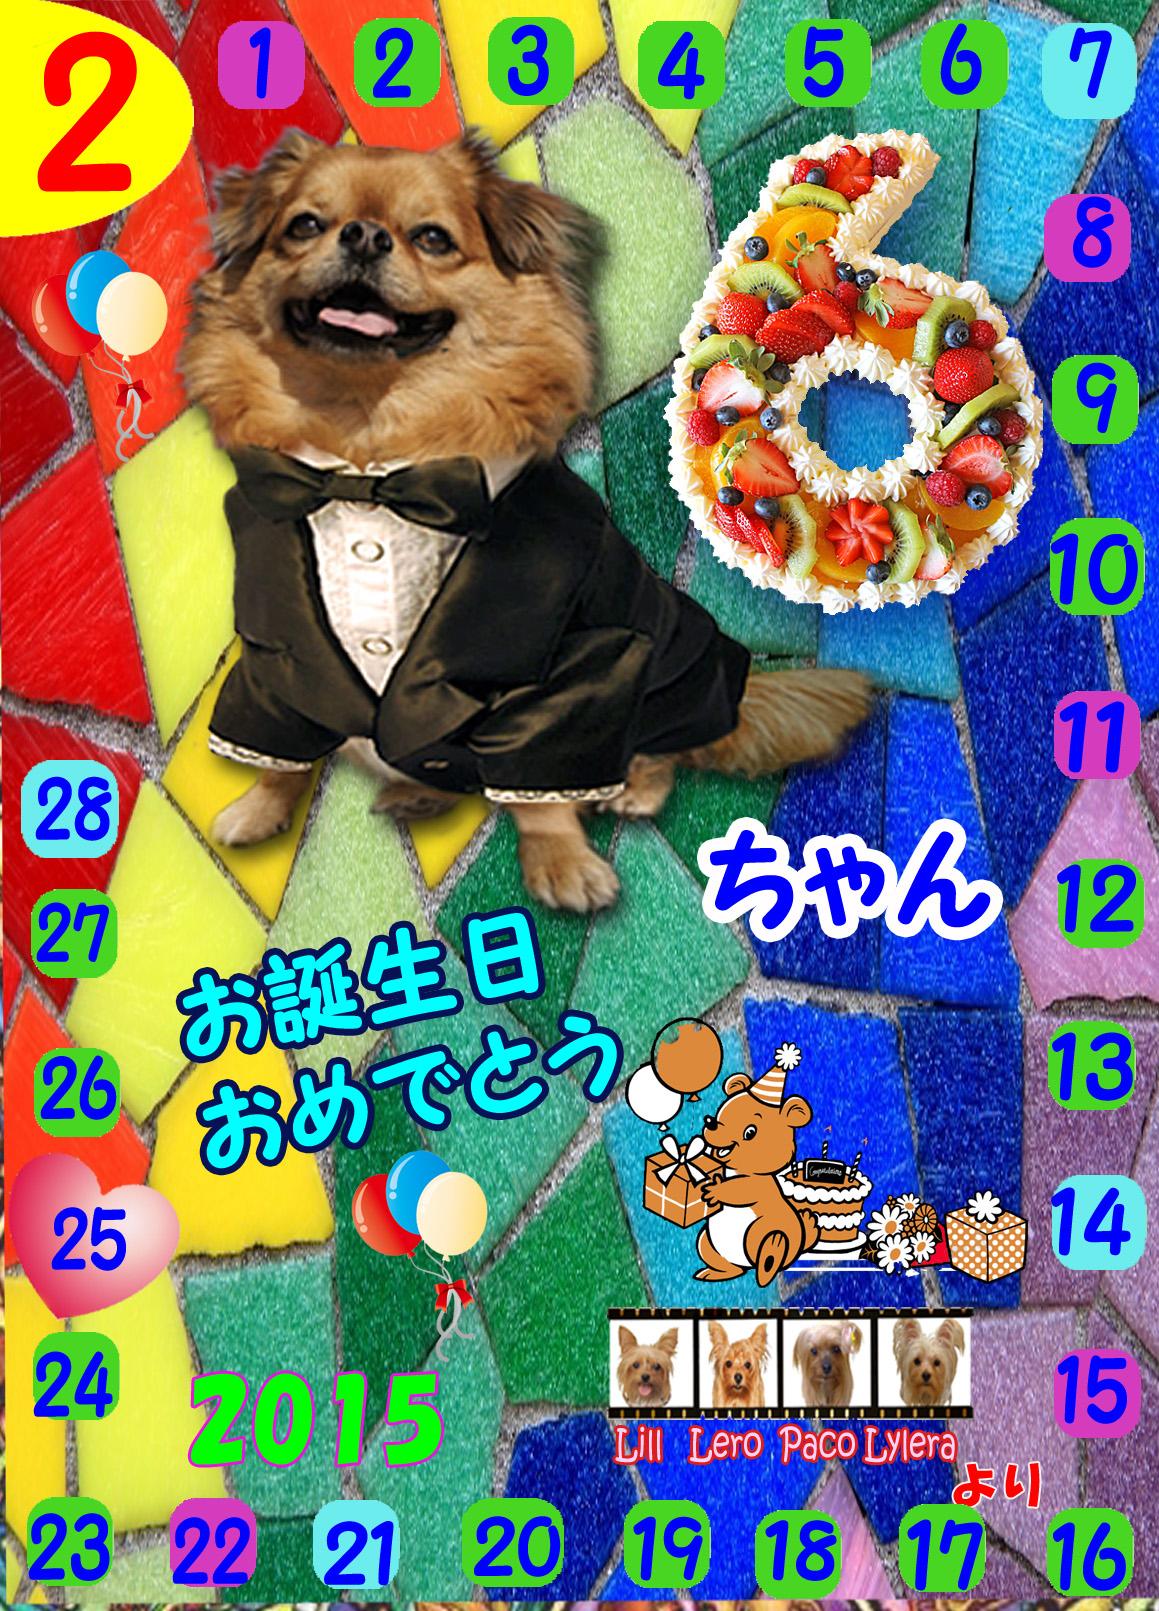 2015-02-25ちょこちゃんお誕生日カード